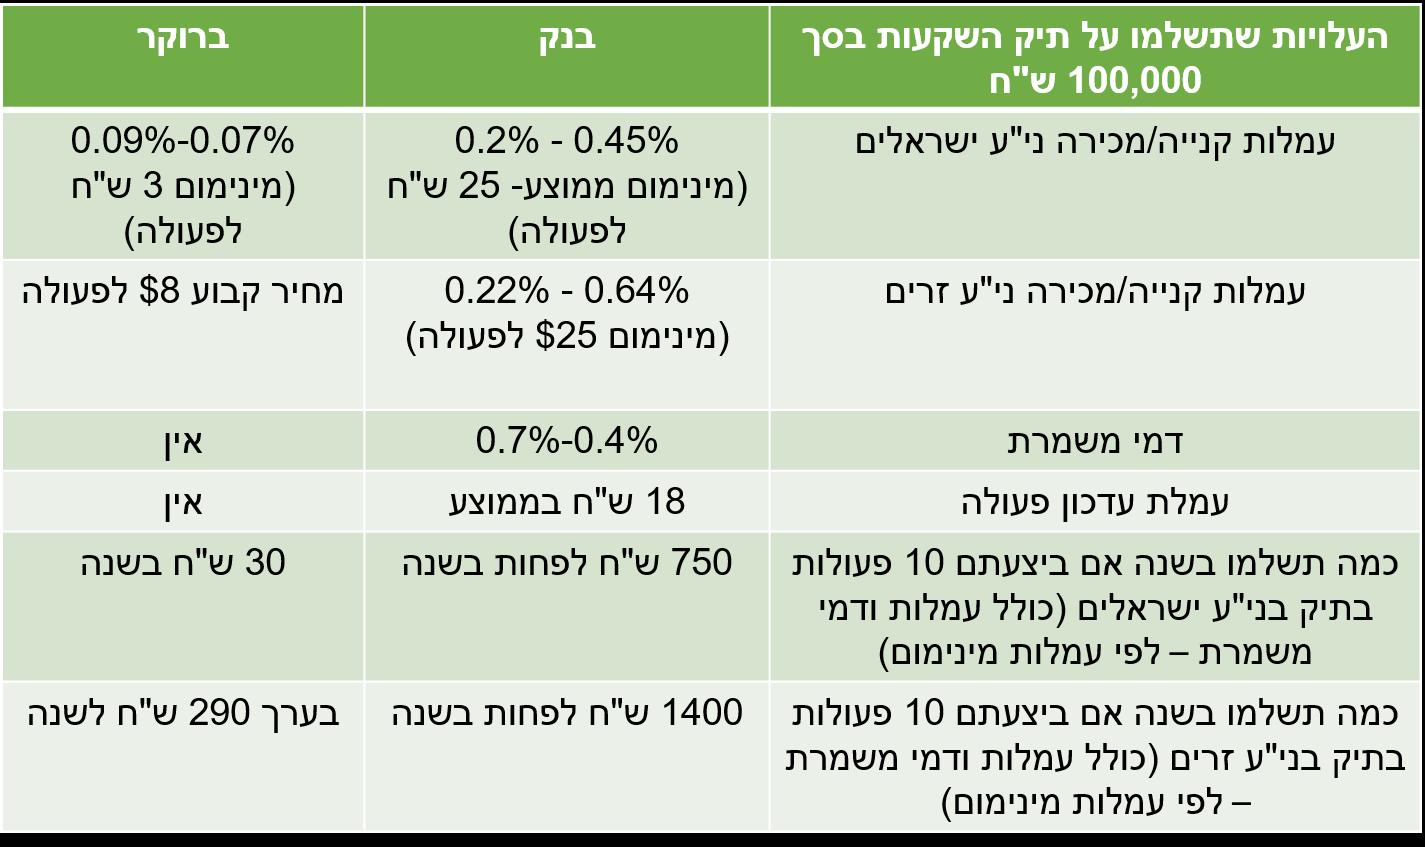 בטבלה הזו אתם יכולים לראות מדוע עדיף לכם להיוועץ בברוקר פרטי ולא יועץ השקעות מהבנק